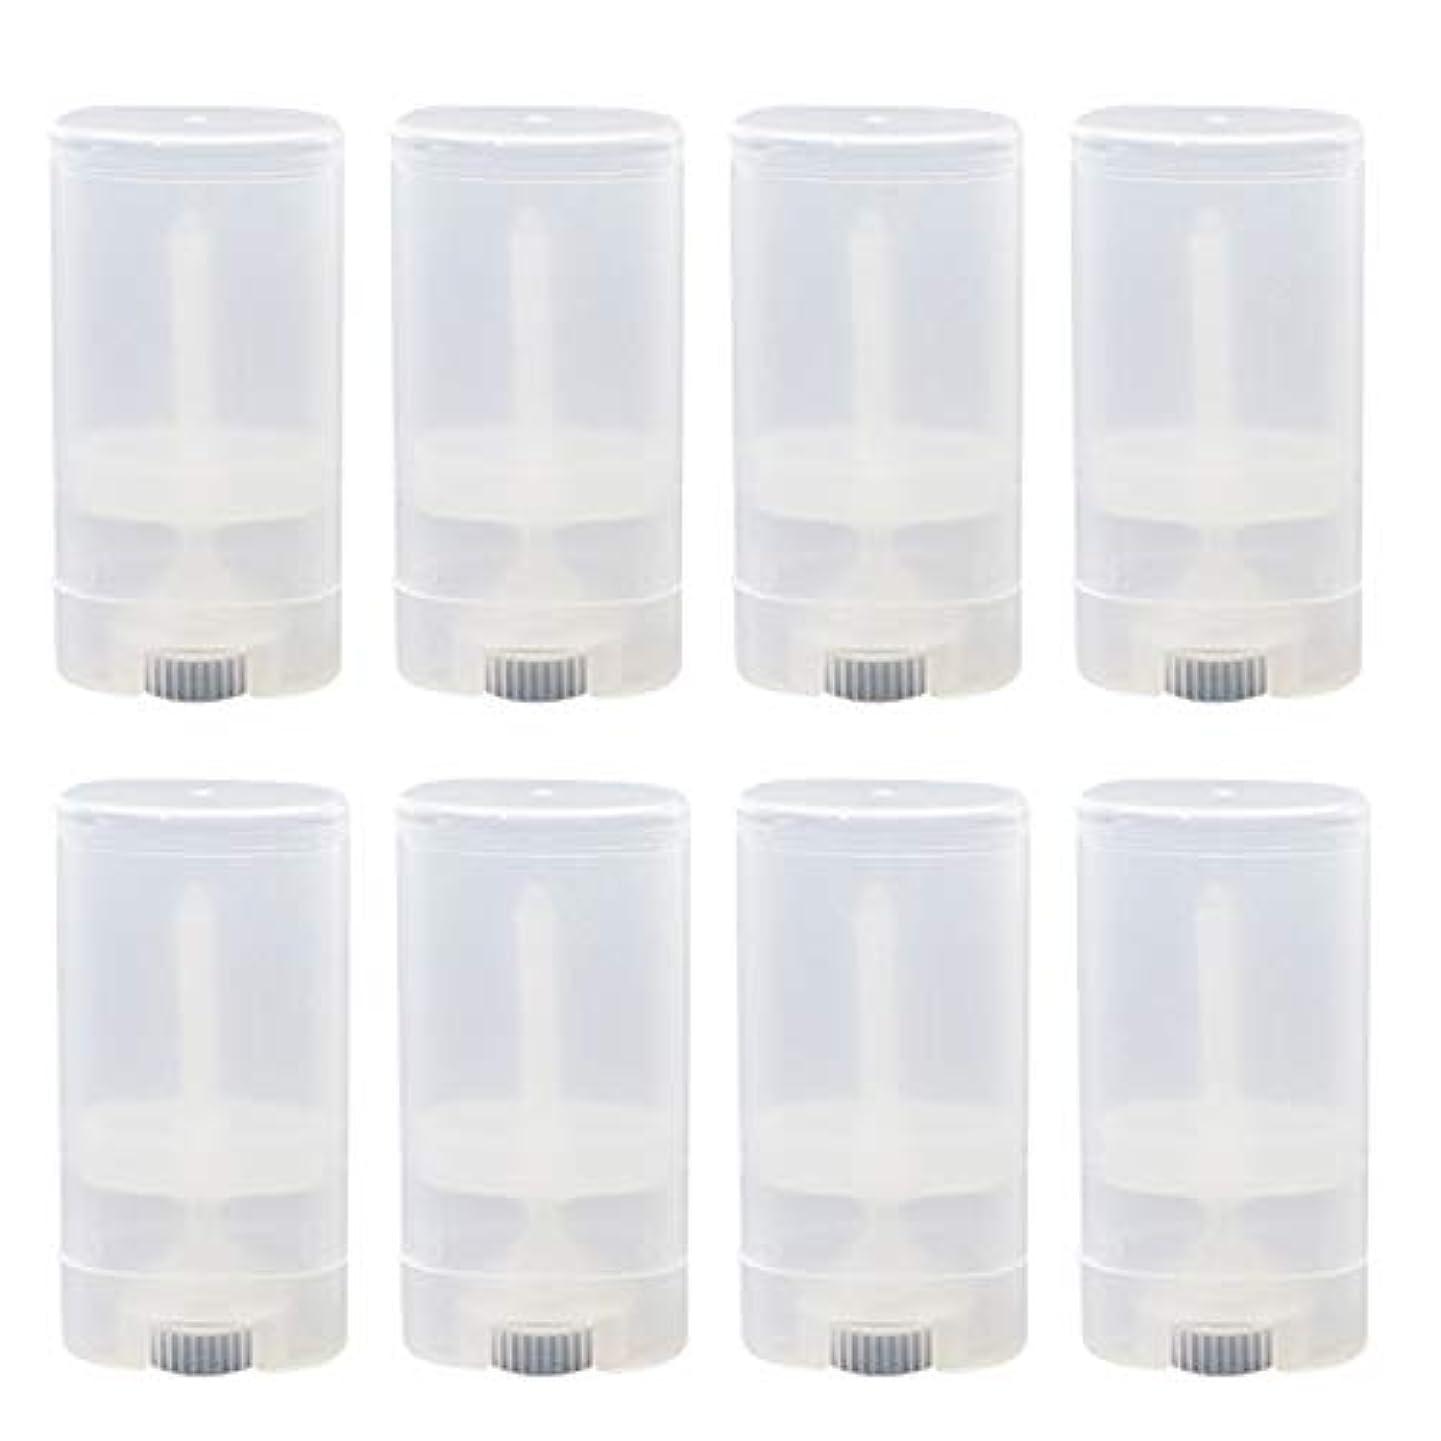 ロケット情報些細なMigavann 10ピース15グラムリップバームチューブ リップクリーム容器 詰め替え式透明空消臭自家製石鹸リップクリーム口紅容器チューブボトル